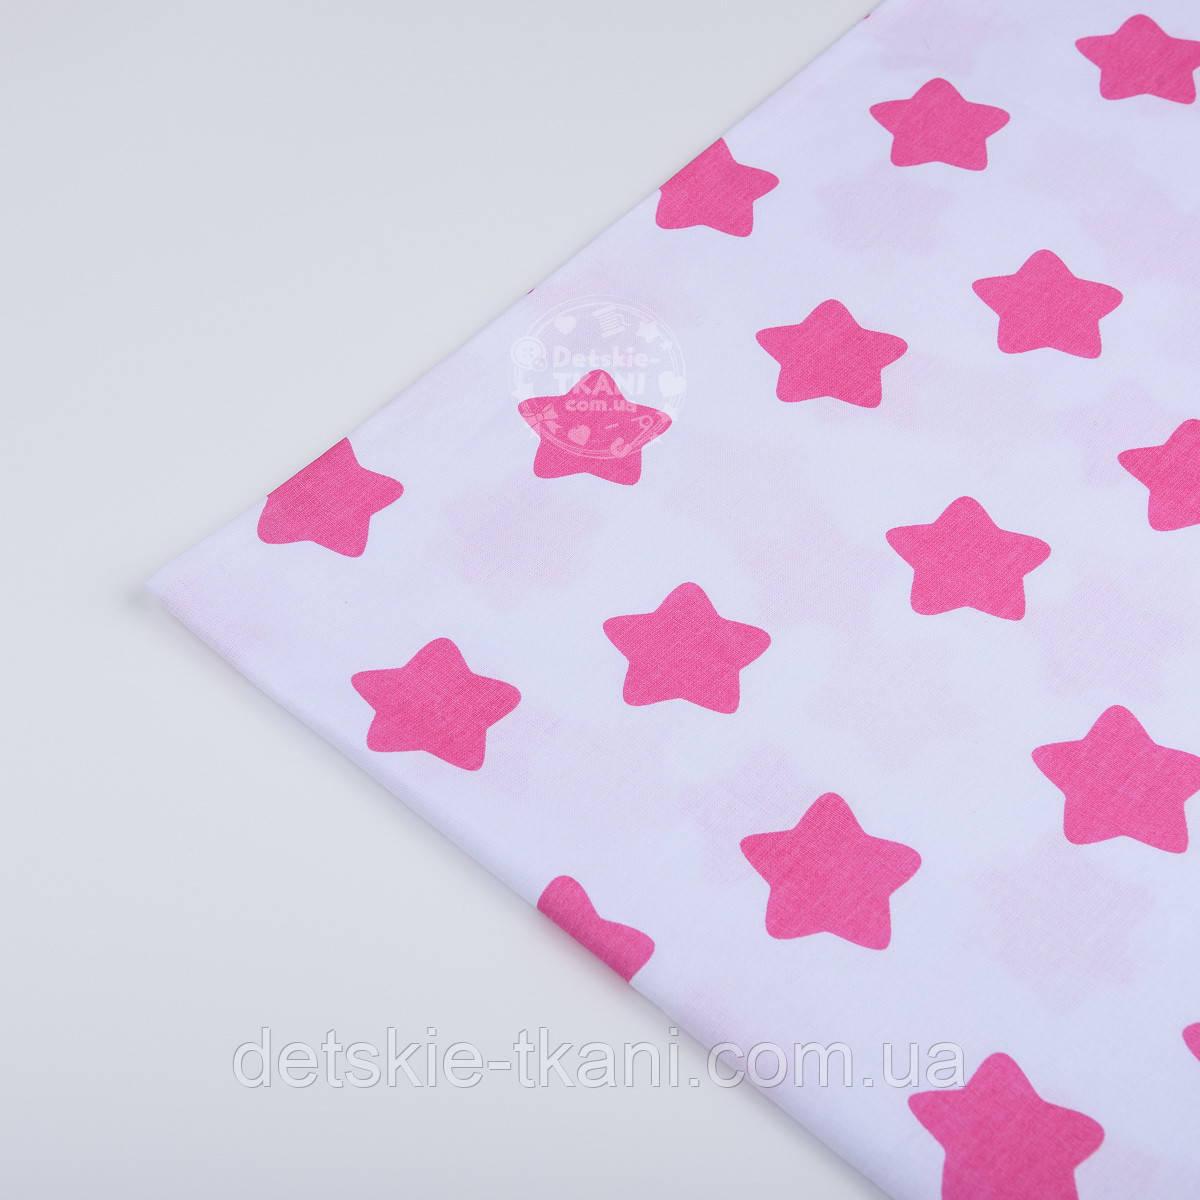 Лоскут ткани №95  с большими малиновыми звёздами на белом фоне, размер 35*42см